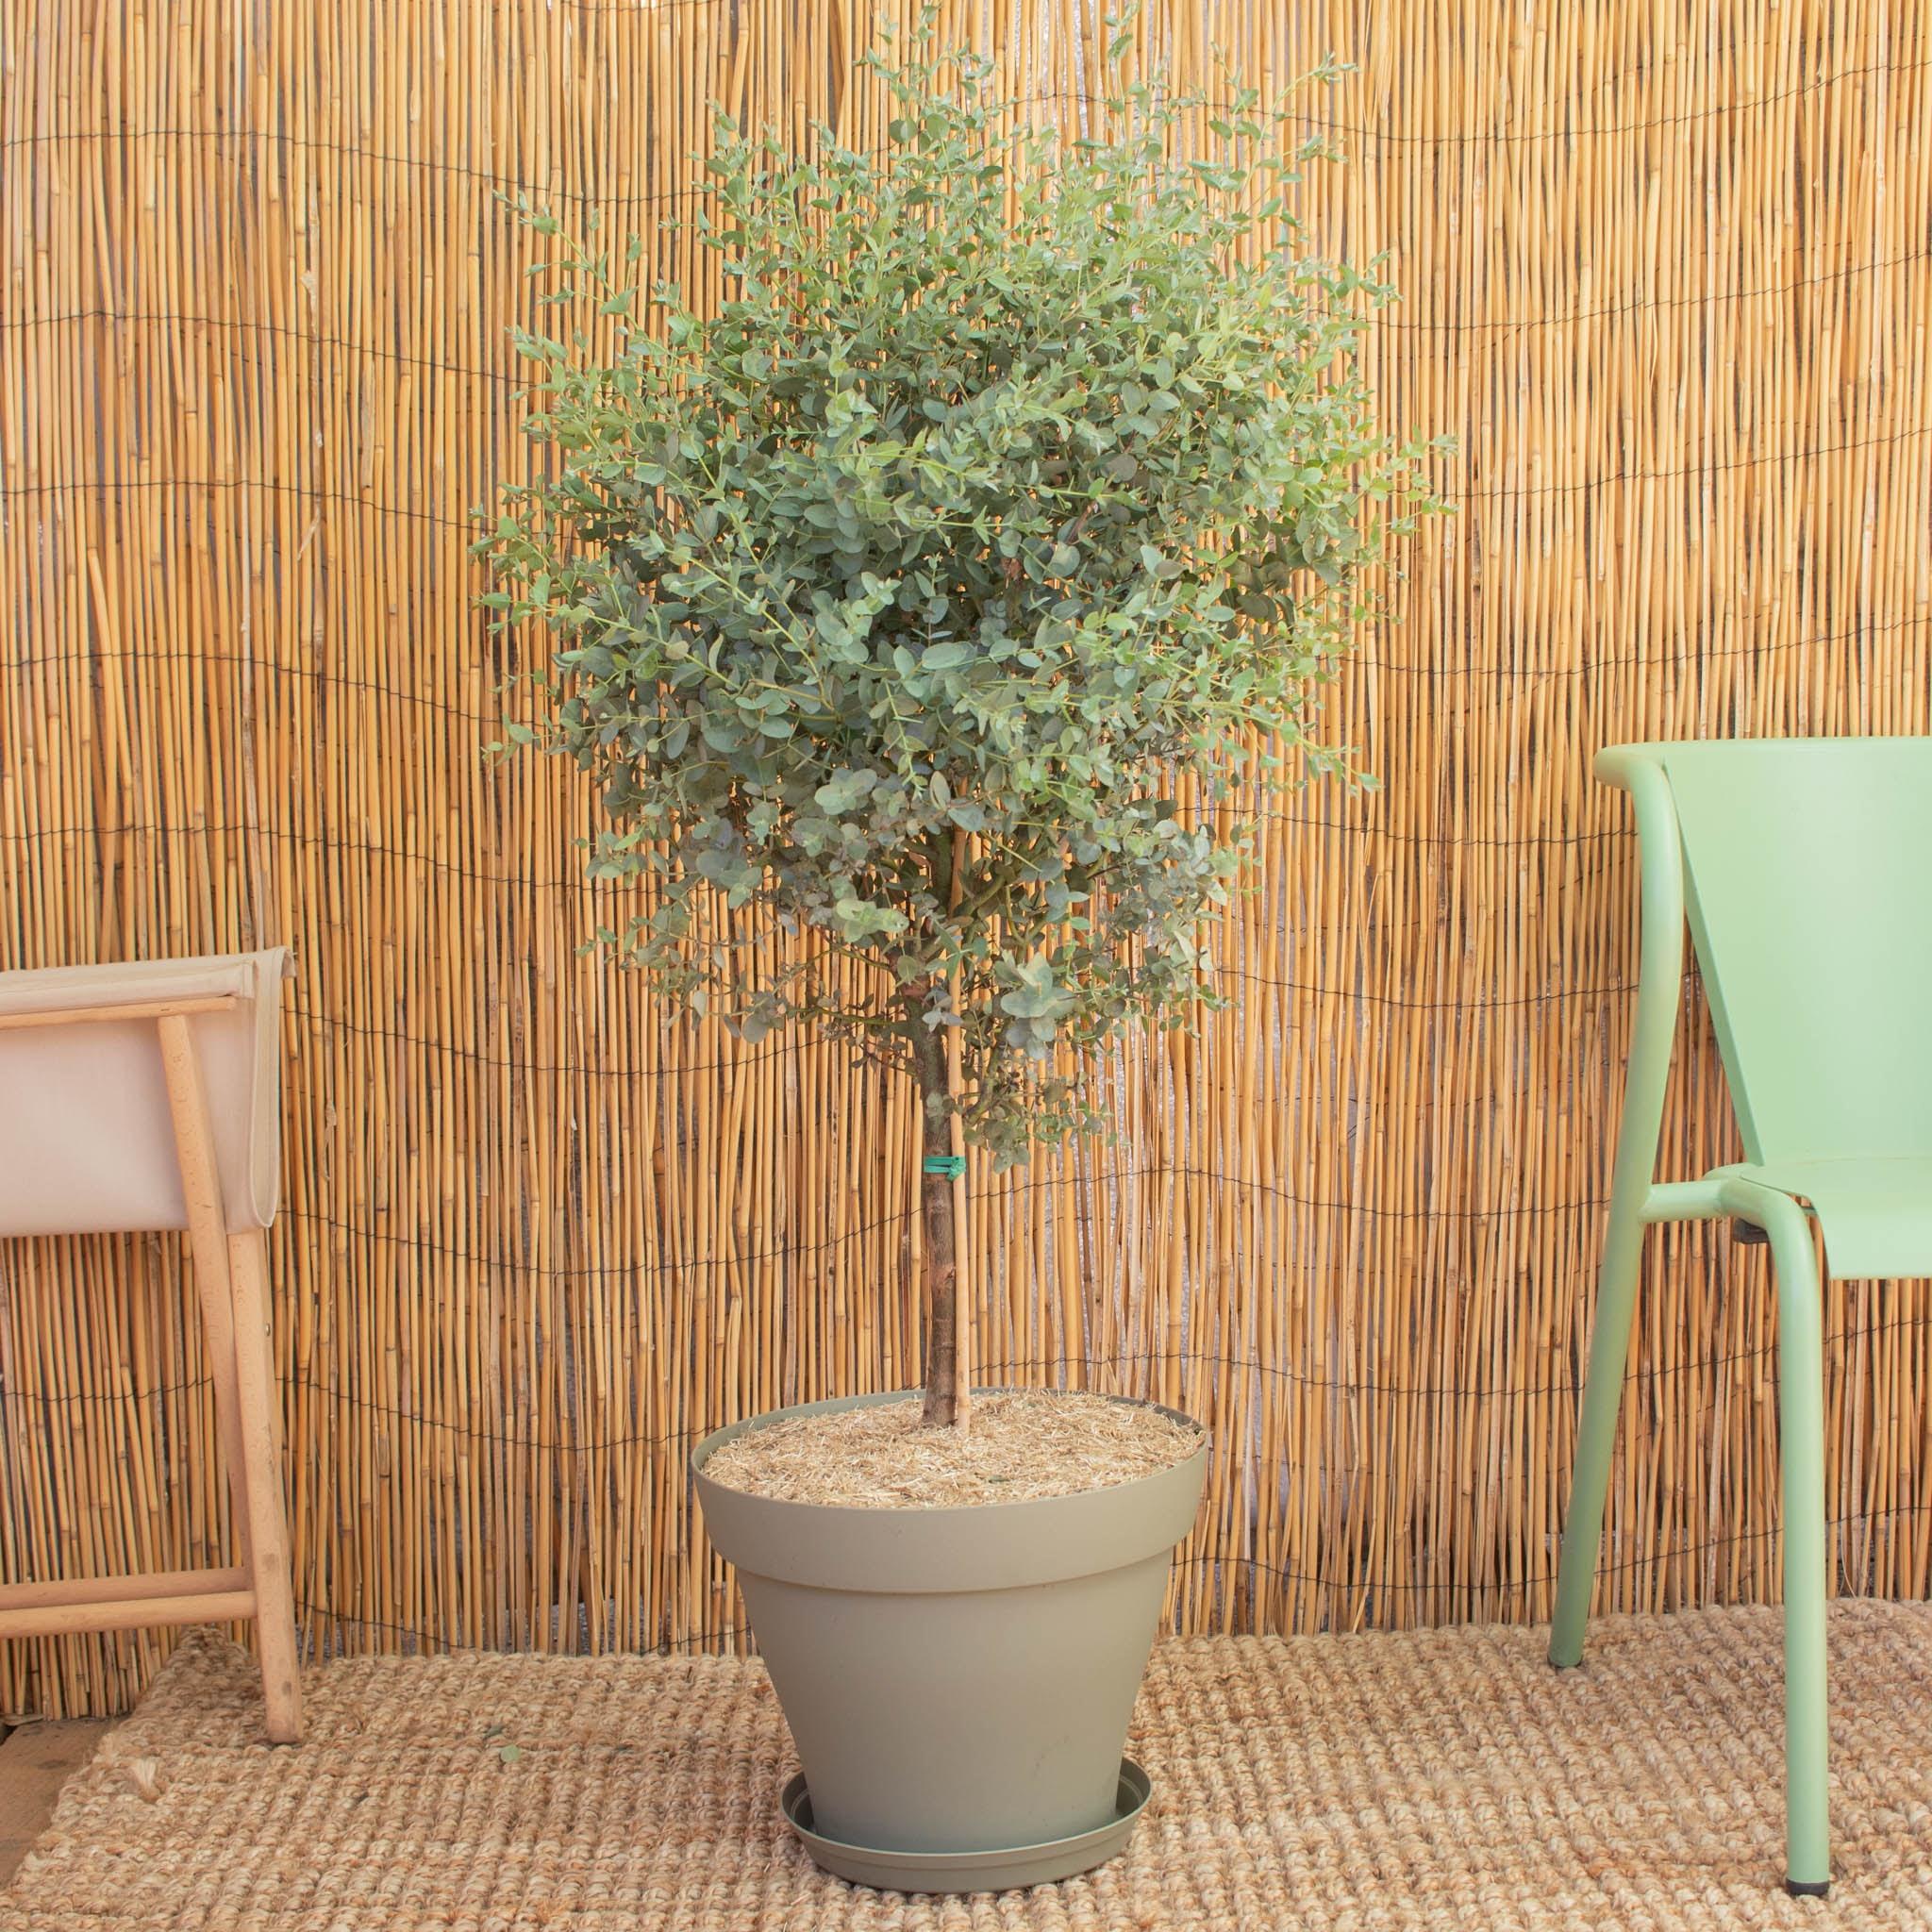 Alessandro & Topf (grün) - Eucalyptus